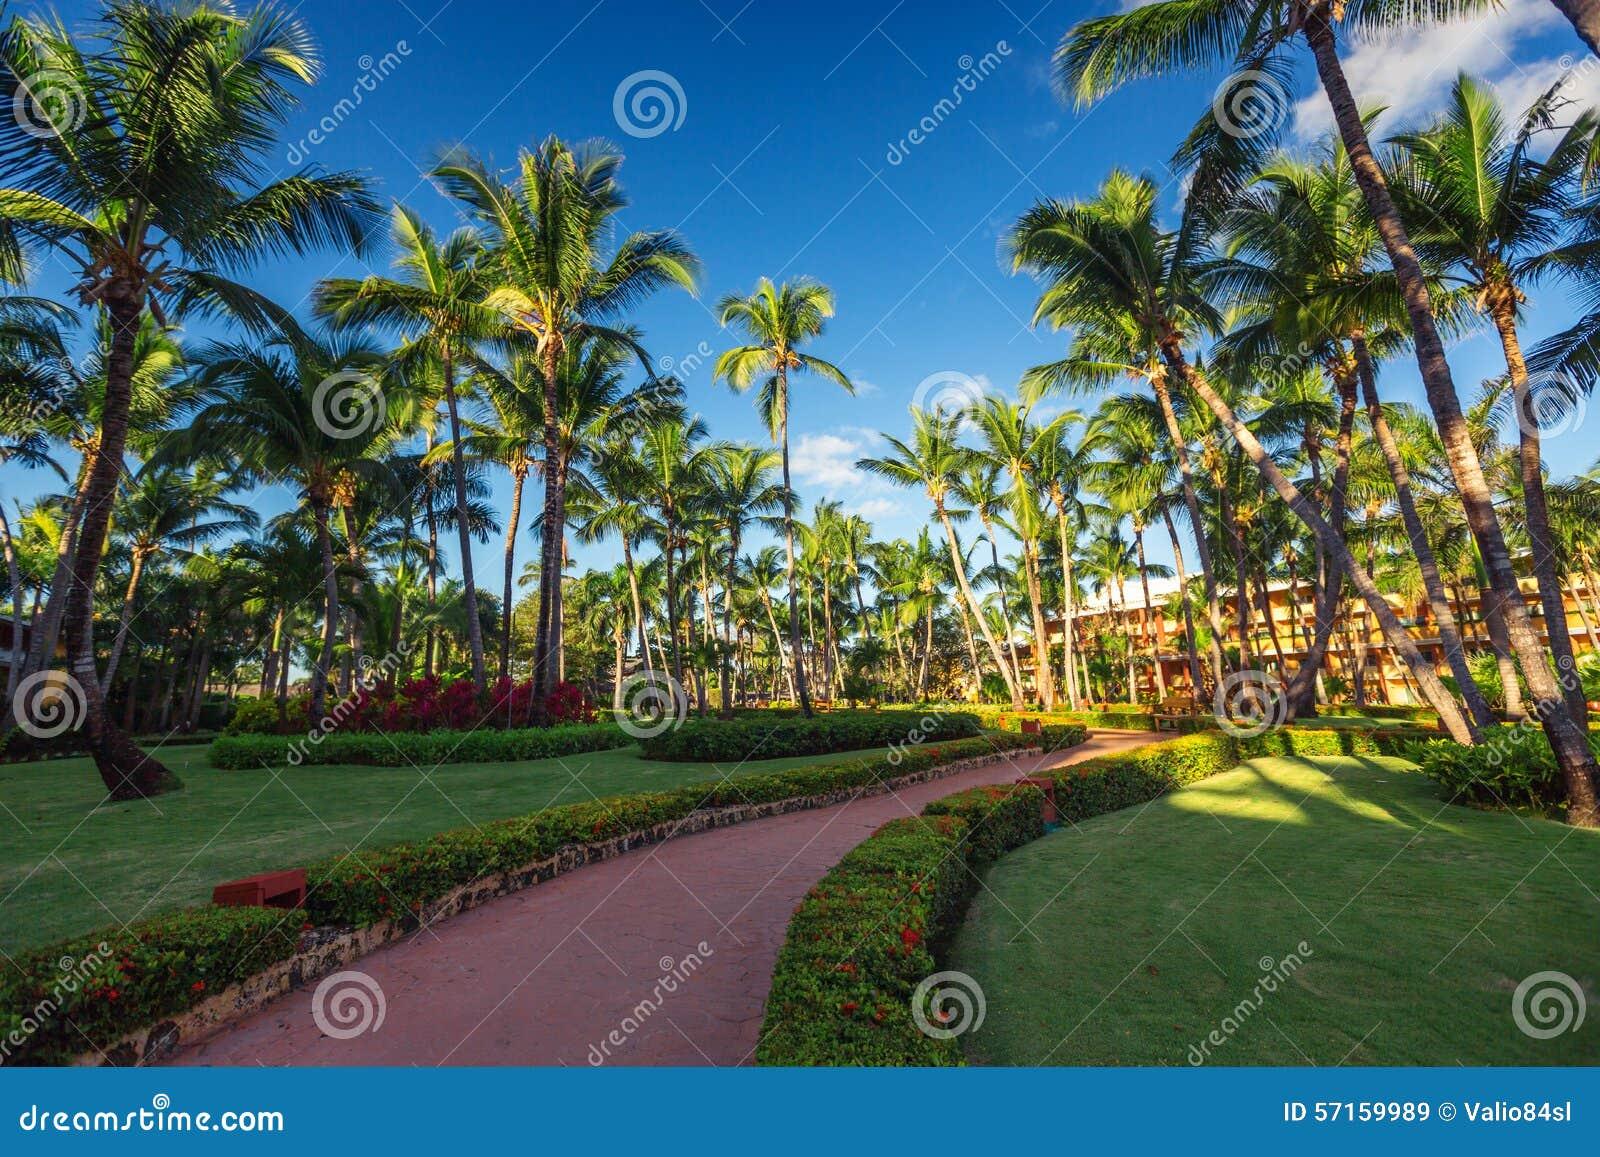 Caminho e jardim tropical na estância de verão, Punta Cana